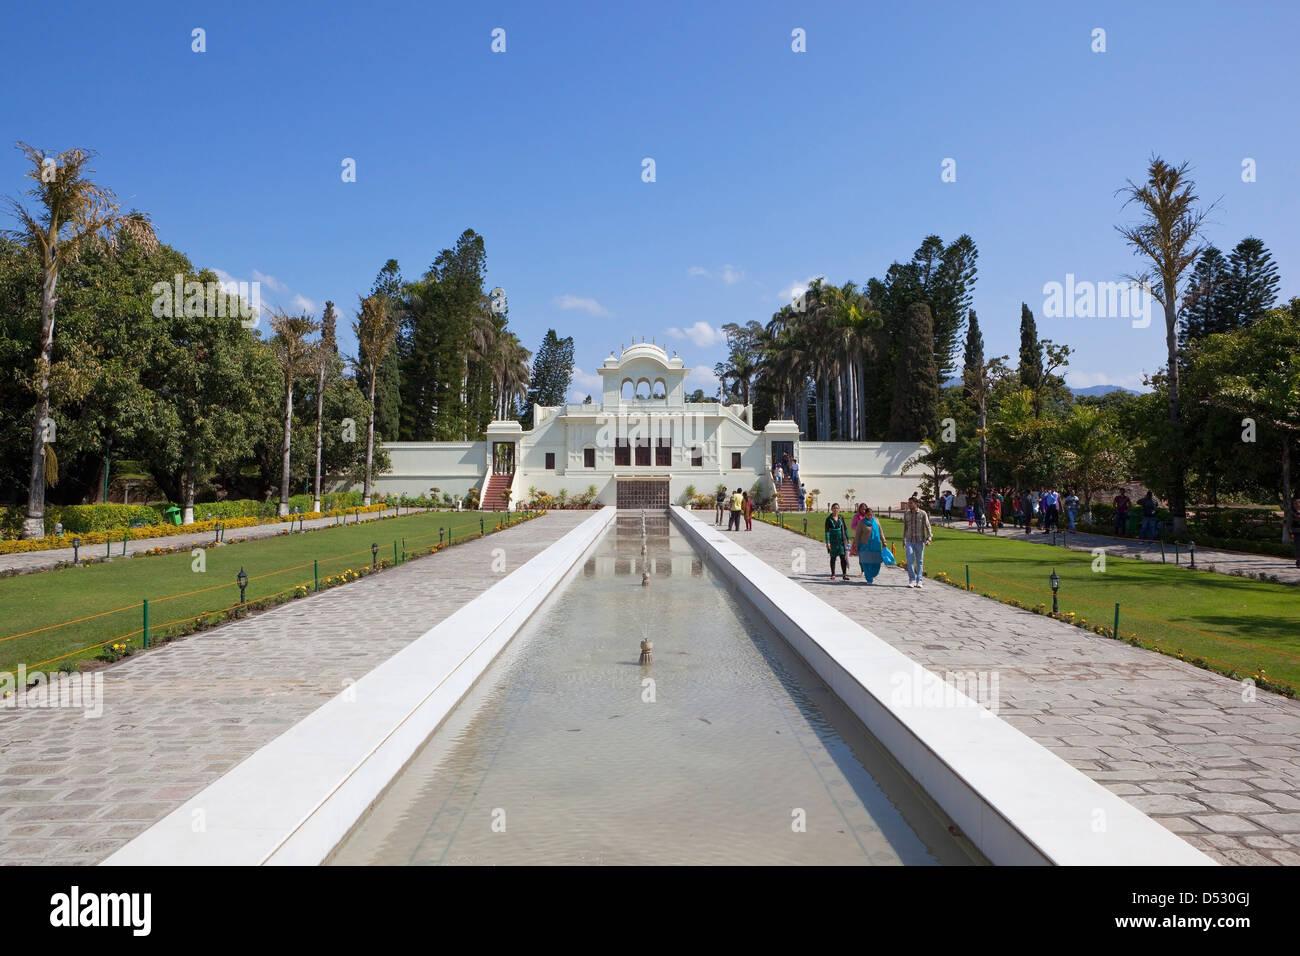 Pittoresche fontane e stile Mughal architettura a Pinjore Giardini in Haryana vicino Punjab India sotto un cielo Immagini Stock